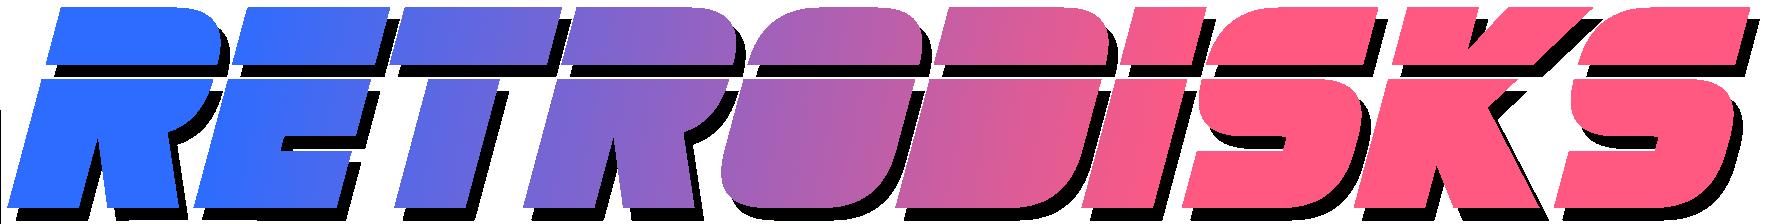 RetroDisks Logo